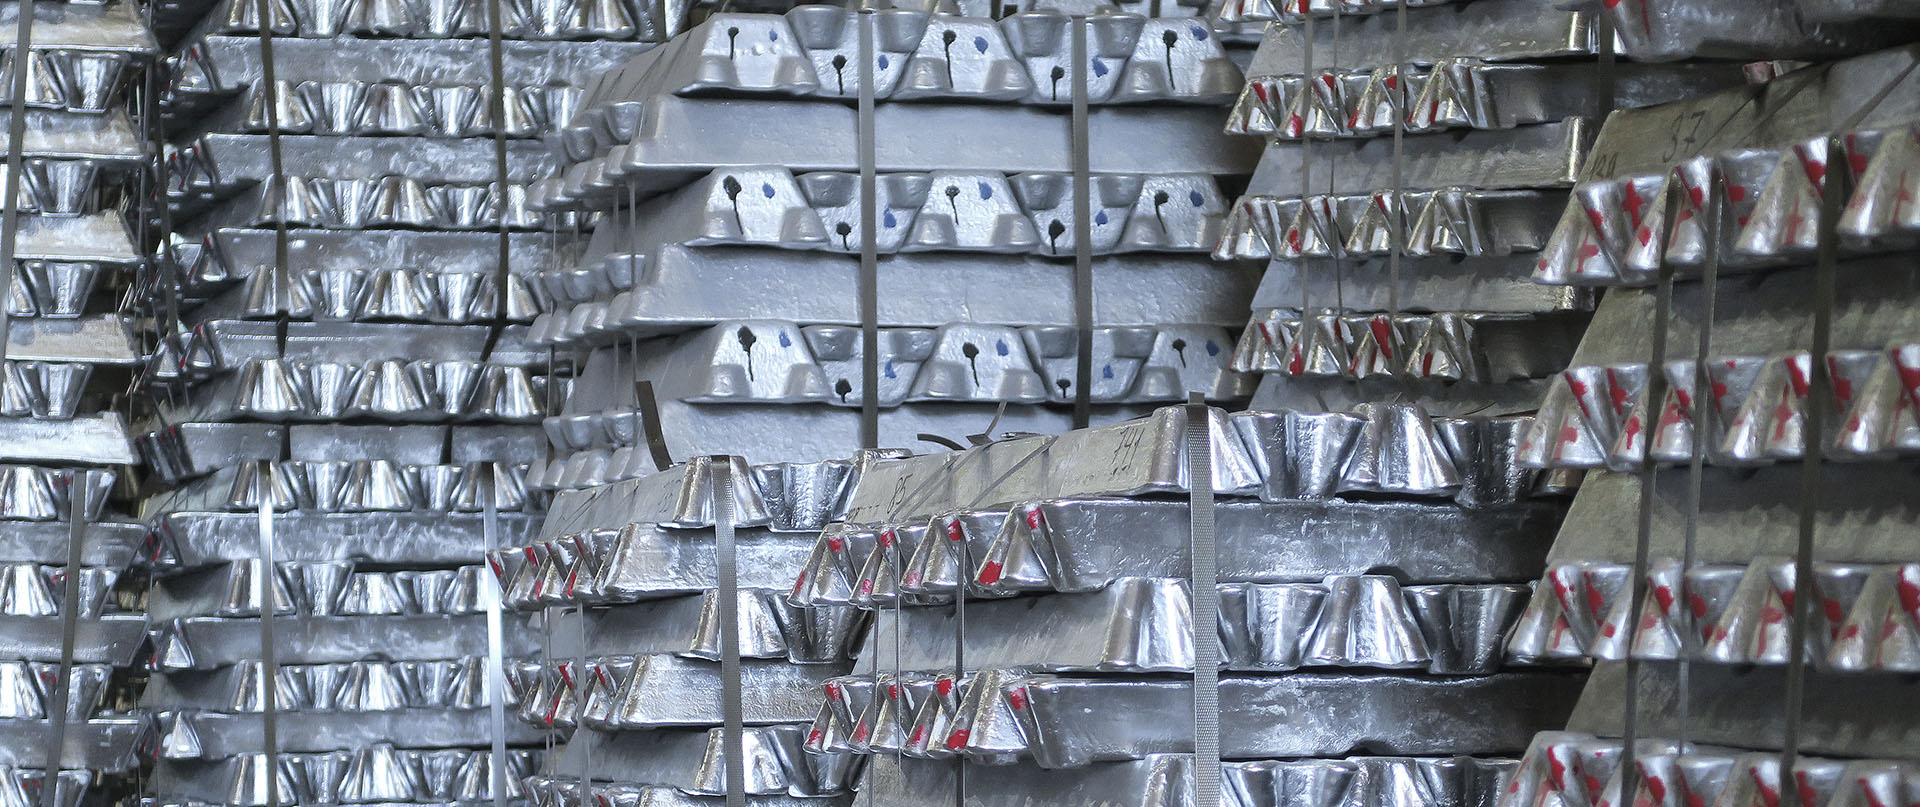 Широкая номенклатура<br /> выпускаемых алюминиевых сплавов